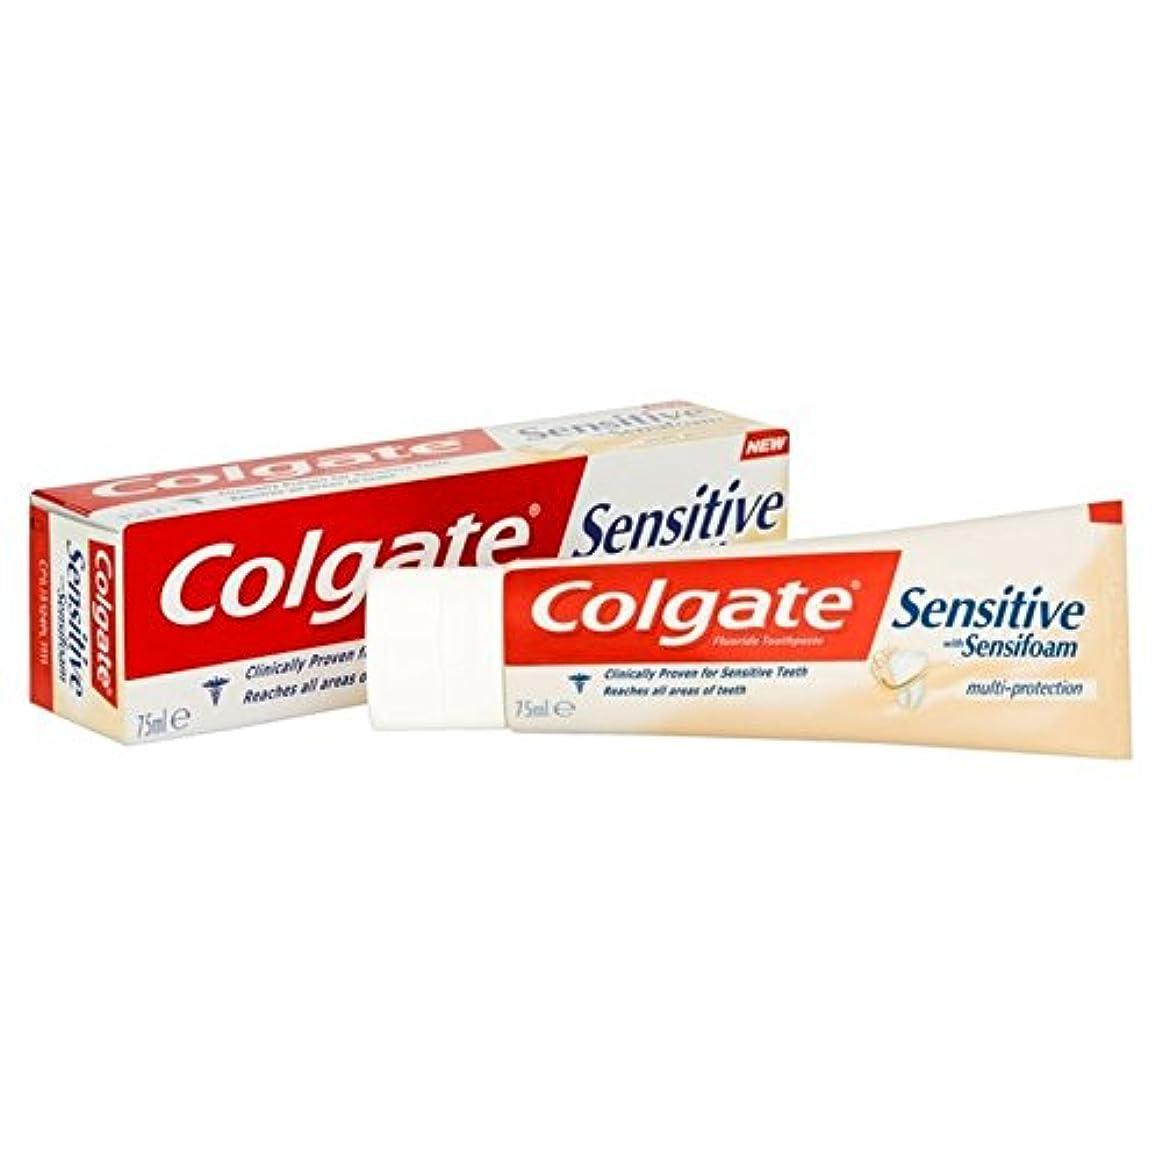 思いやり炎上人工的なColgate Sensitive Foam Multi Protect Toothpaste 75ml (Pack of 6) - コルゲート敏感な泡は、マルチ歯磨き粉75ミリリットルを保護します x6 [並行輸入品]